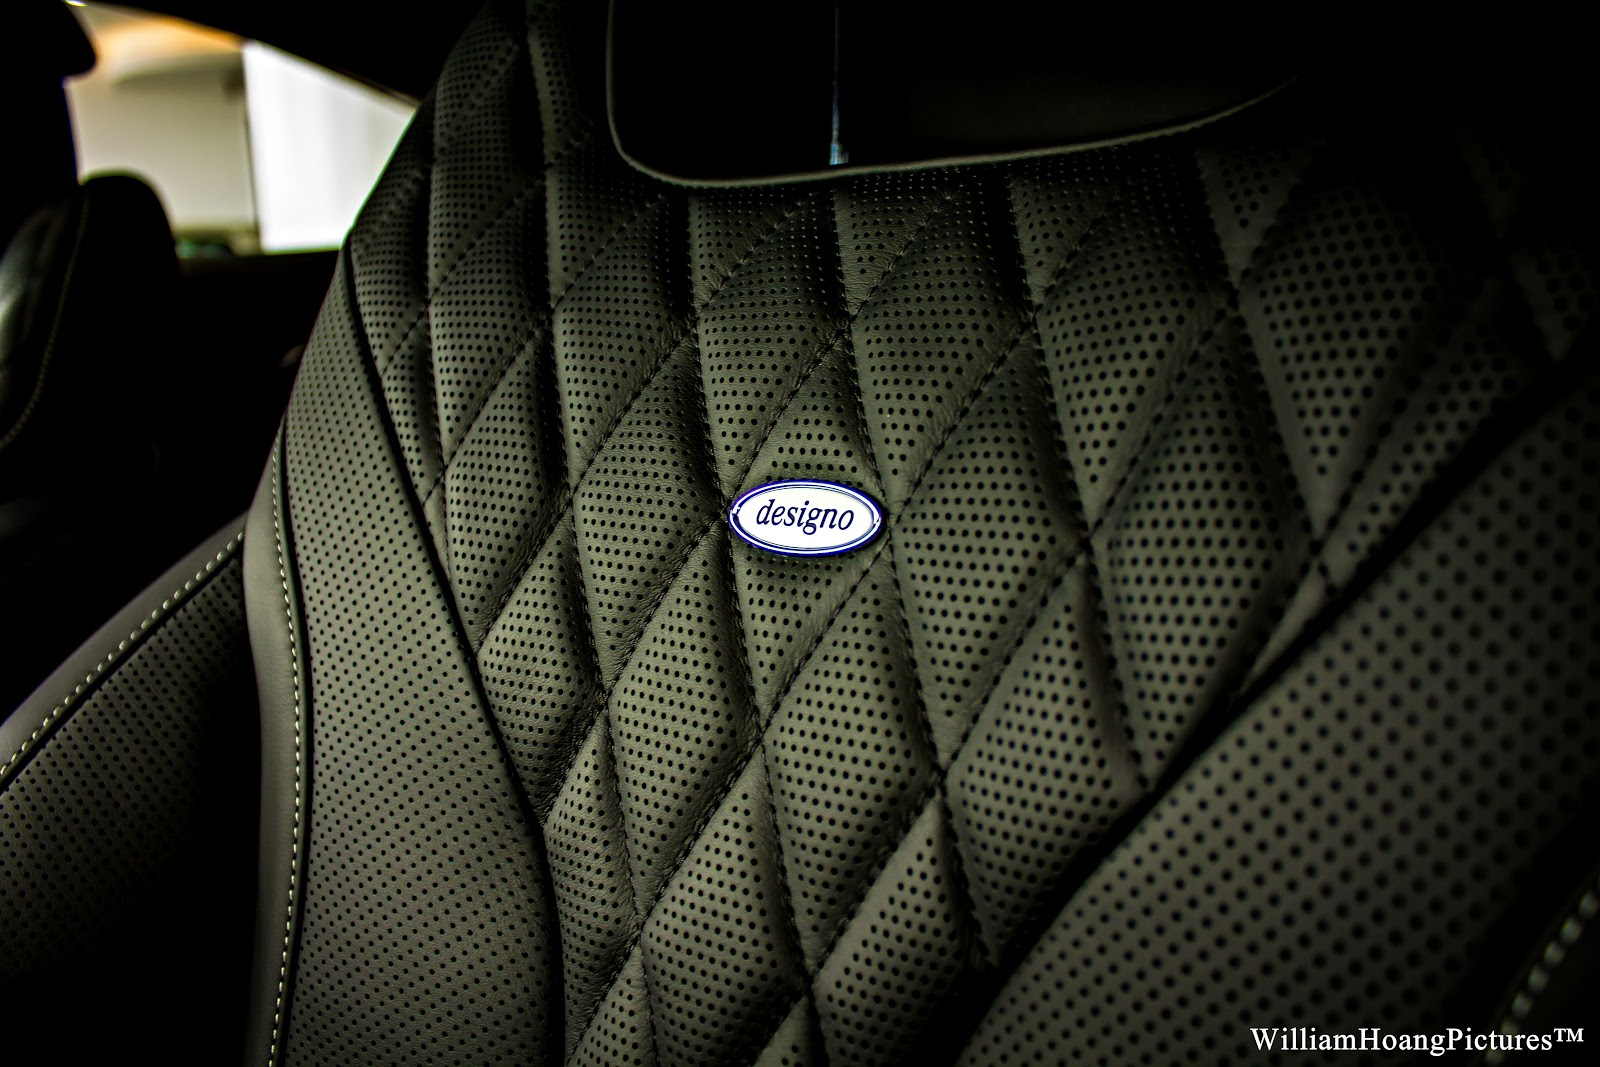 Ghế ngồi thiết kế bởi Designo, nên chắc chắn thuộc hàng sang và chất nhất thế giới